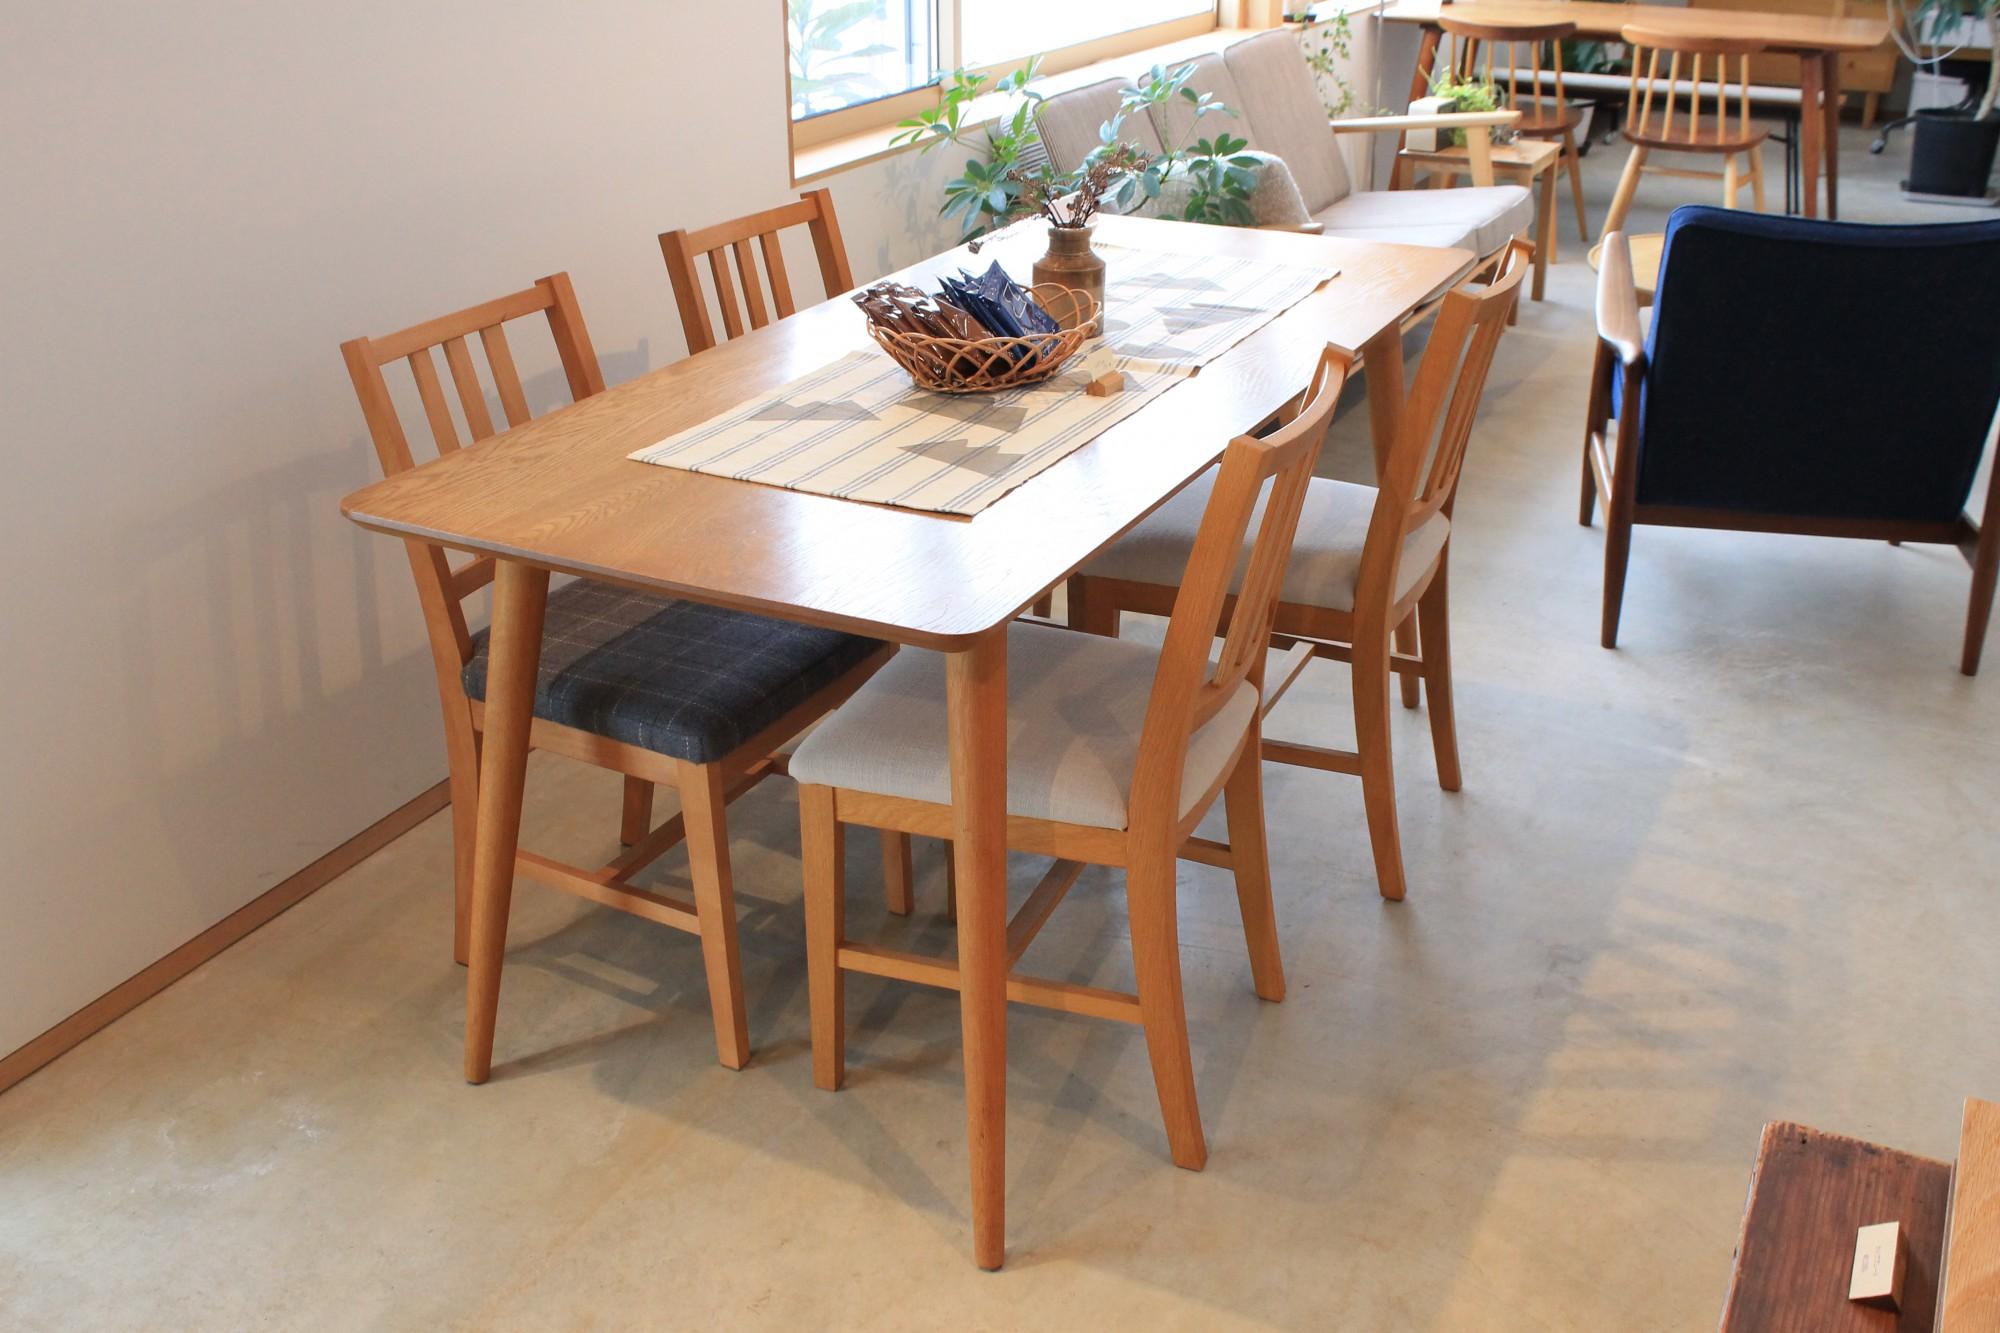 代表的な家具はダイニングテーブル。他にもテレビ台や椅子、ソファーといった家具が人気です。